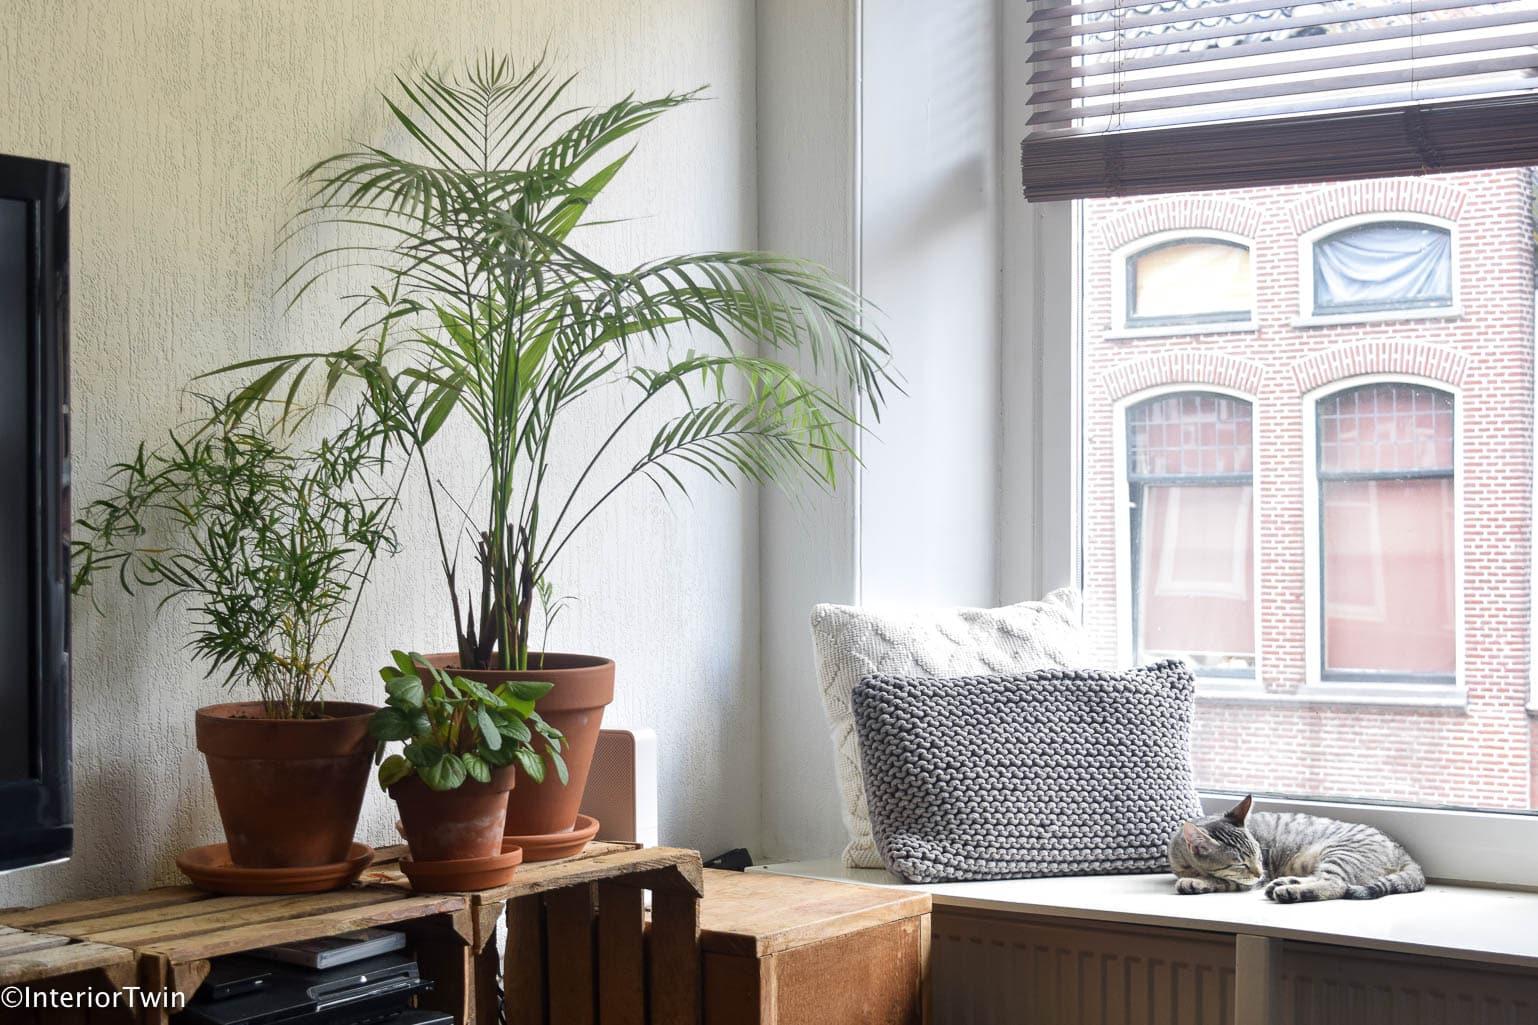 planten in terracotta potten